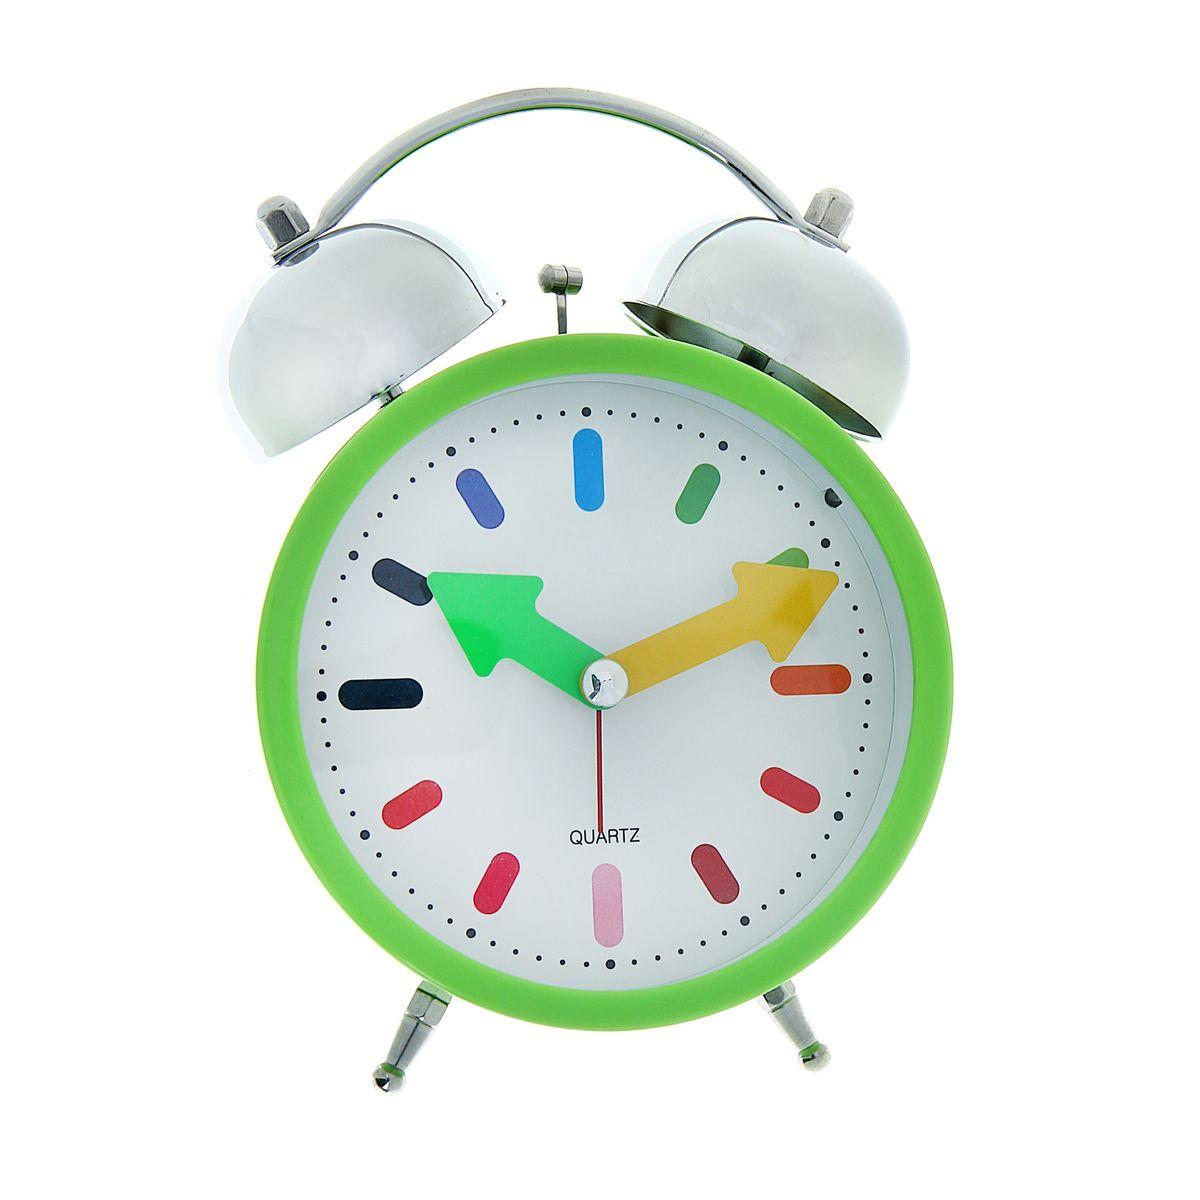 Часы-будильник Sima-land Яркое утро1056424Как же сложно иногда вставать вовремя! Всегда так хочется поспать еще хотя бы 5 минут и бывает, что мы просыпаем. Теперь этого не случится! Яркий, оригинальный будильник Sima-land Яркое утро поможет вам всегда ставать в нужное время и успевать везде и всюду. Будильник украсит вашу комнату и приведет в восхищение друзей. Точно показывает время и будит в установленный час.На задней панели будильника расположены переключатель включения/выключения механизма, а также два колесика для настройки текущего времени и времени звонка будильника. Будильник работает от двух батареек типа AA напряжением 1,5V (не входит в комплект).